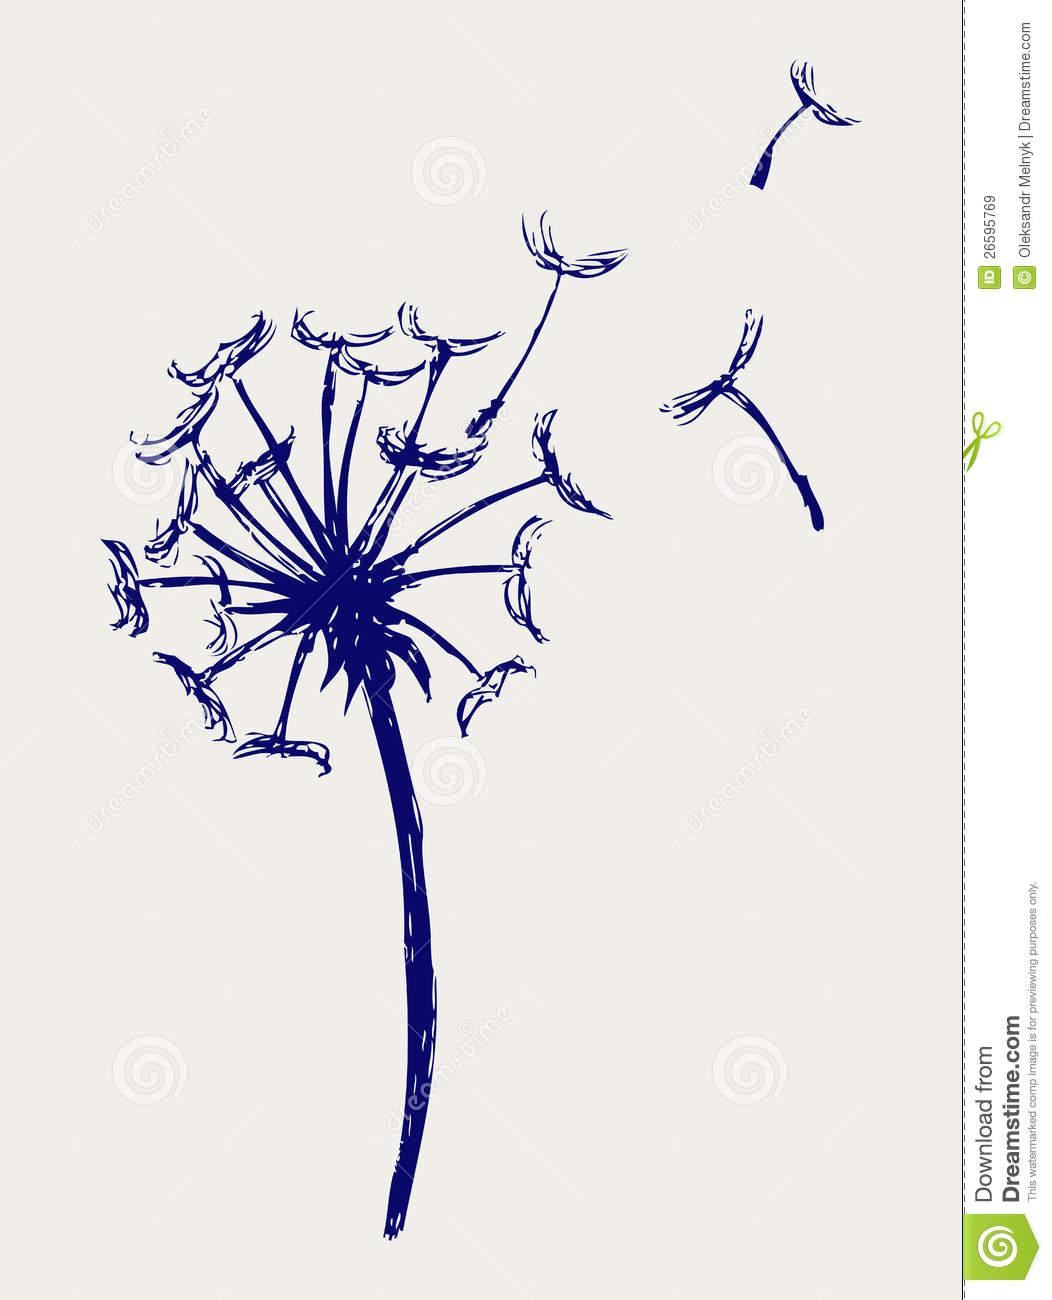 Blowing dandelion clip art - photo#10